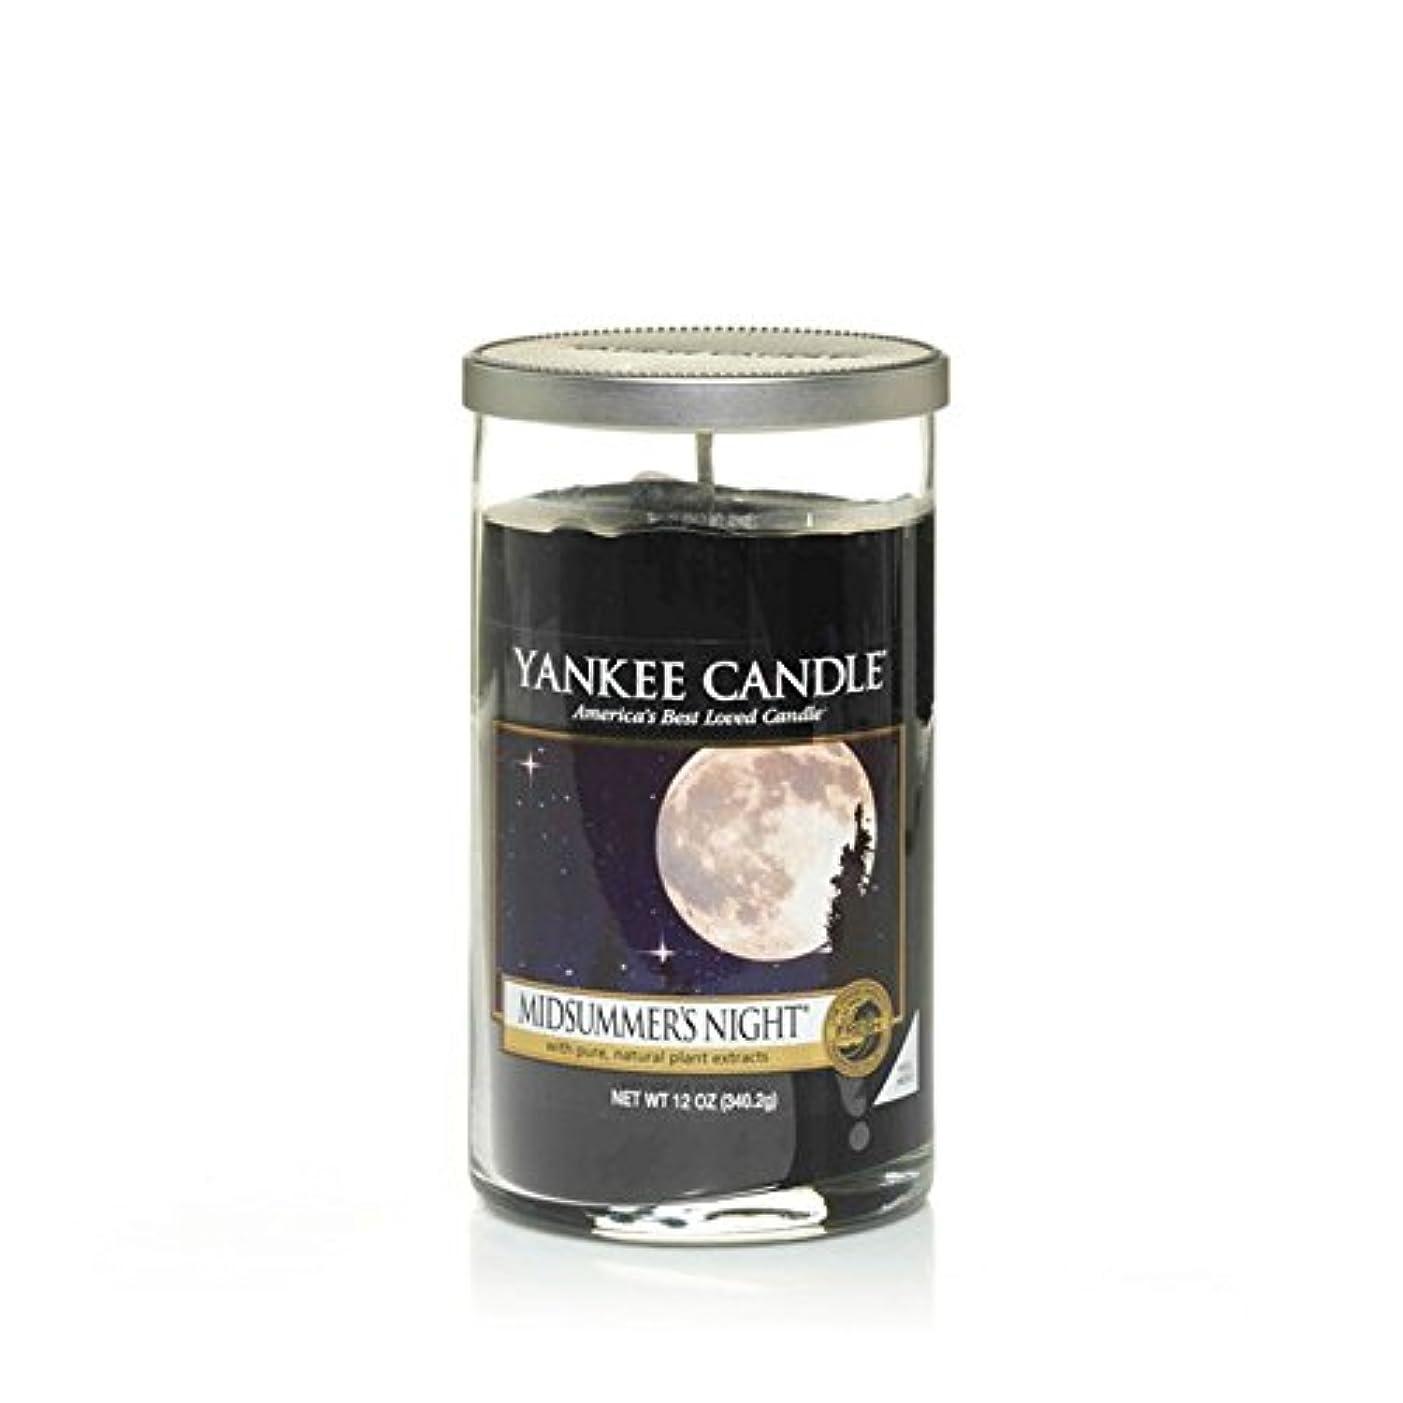 闘争飢えナチュラルヤンキーキャンドルメディアピラーキャンドル - Midsummersの夜 - Yankee Candles Medium Pillar Candle - Midsummers Night (Yankee Candles)...